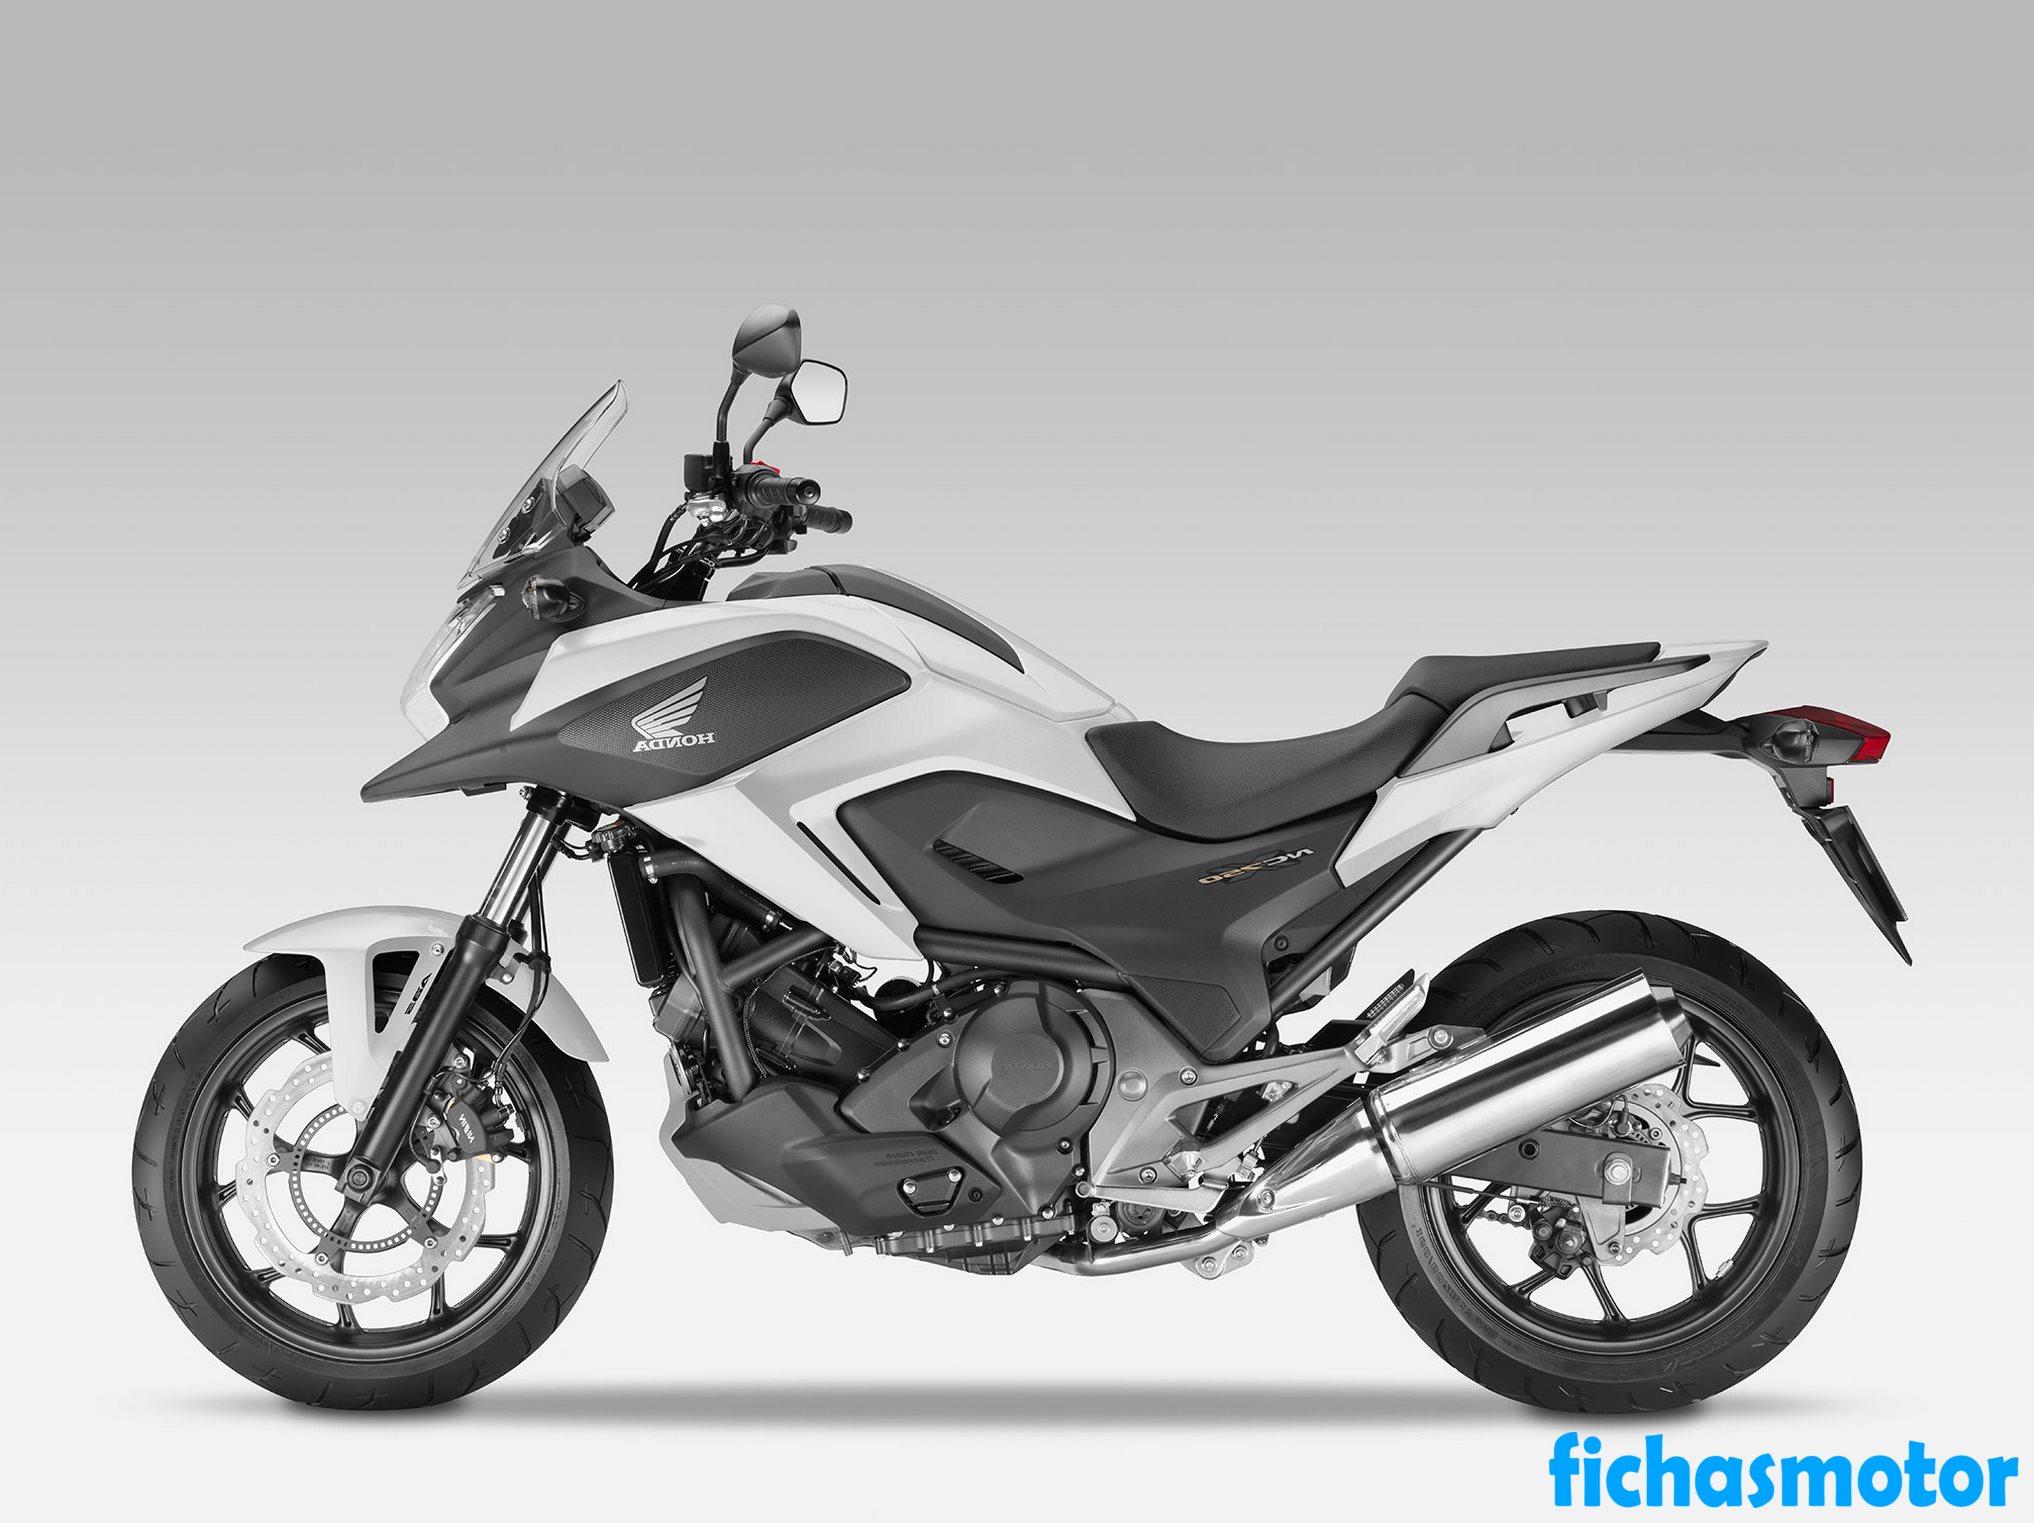 Ficha técnica Honda nc700x 2014